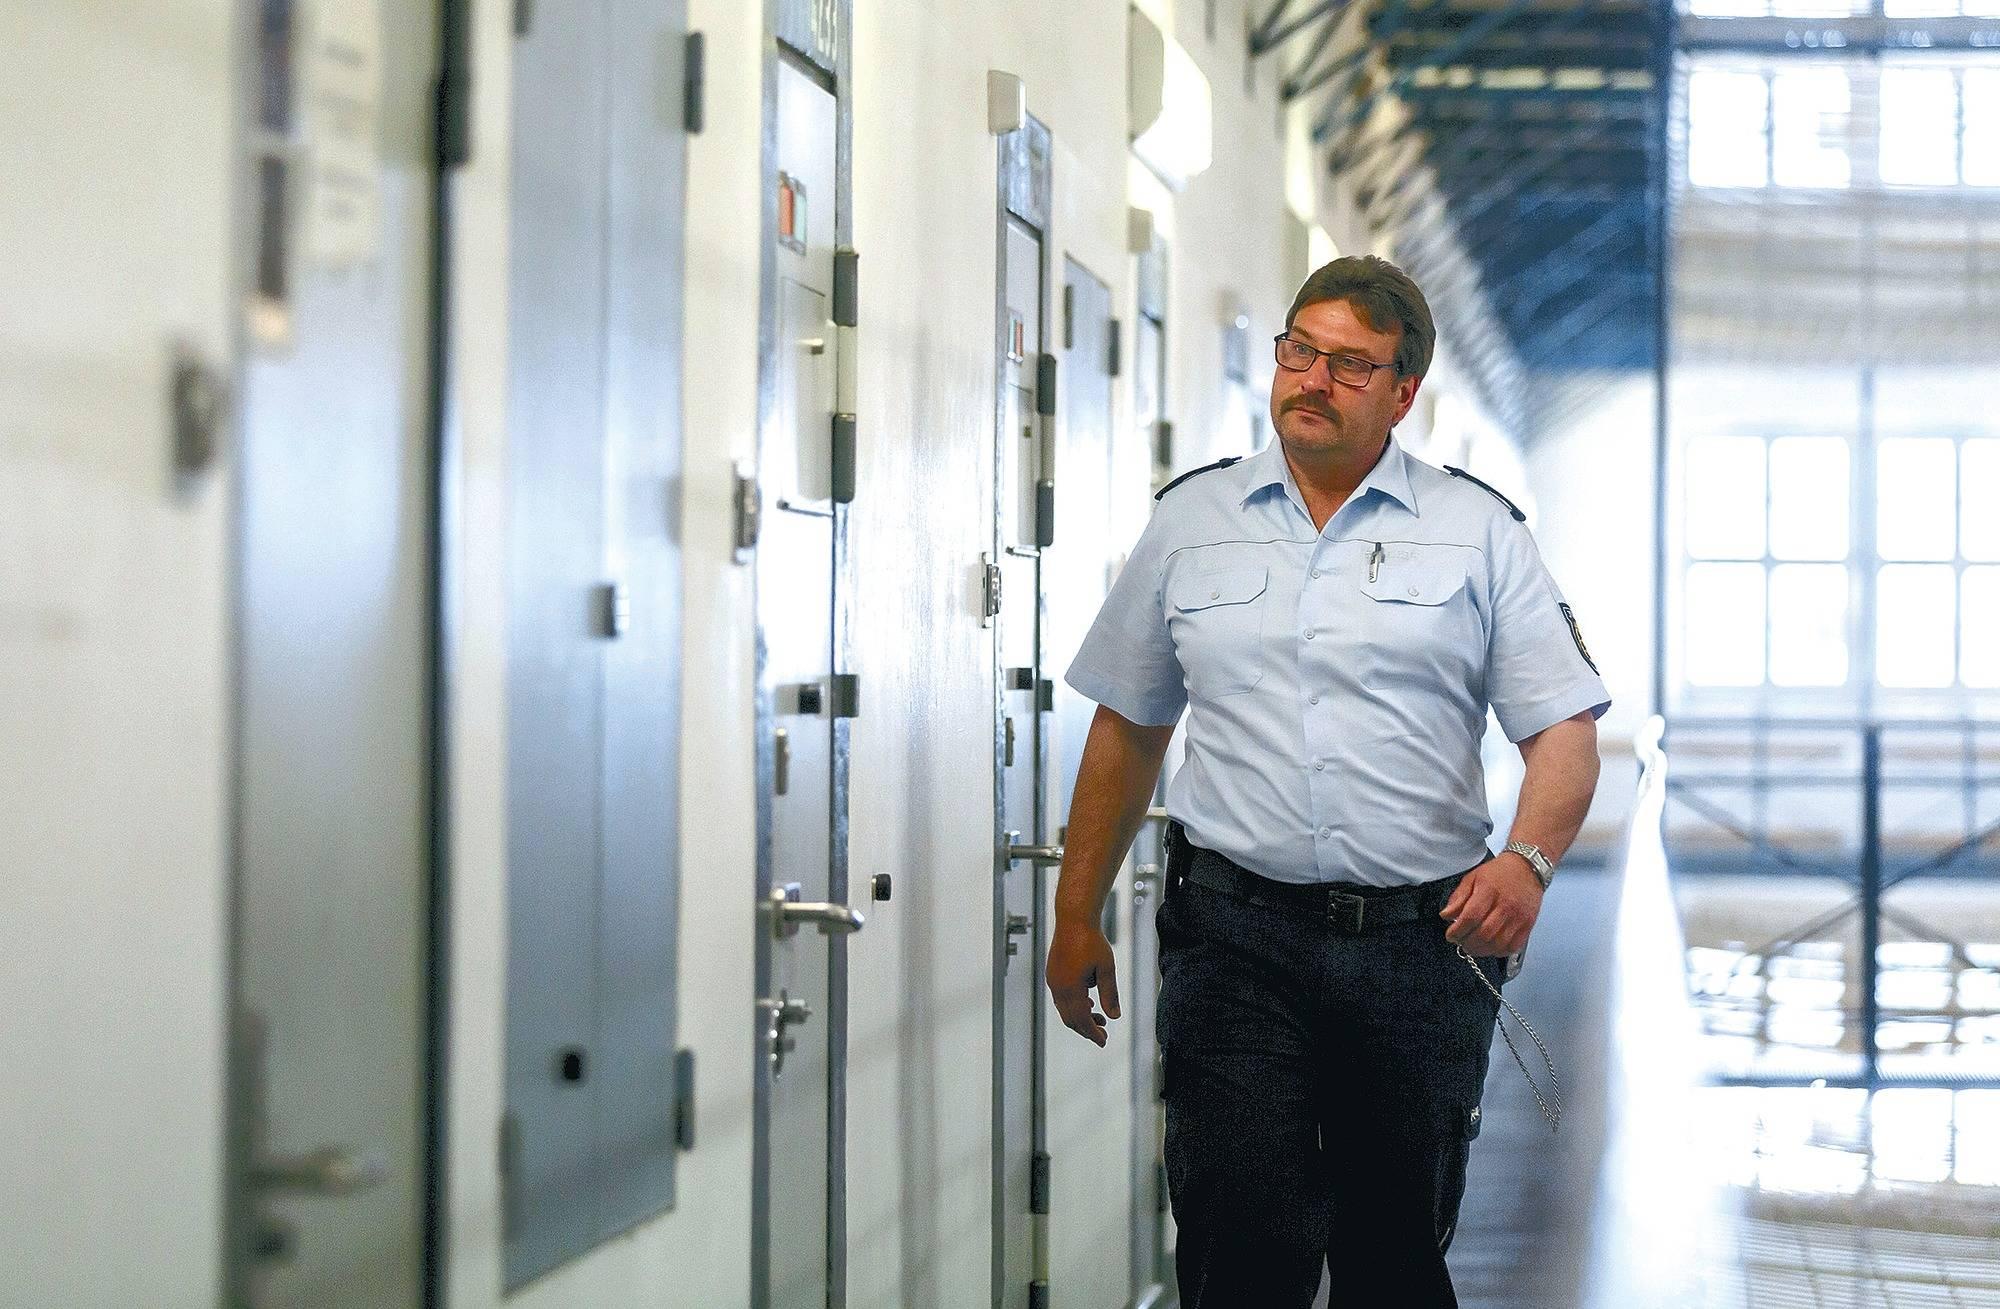 Der Vollzugsbeamte Jürgen Penz geht bei einem Kontrollgang in der Justizvollzugsanstalt in Bruchsal an den Zellentüren der Insassen vorbei Foto Wittek